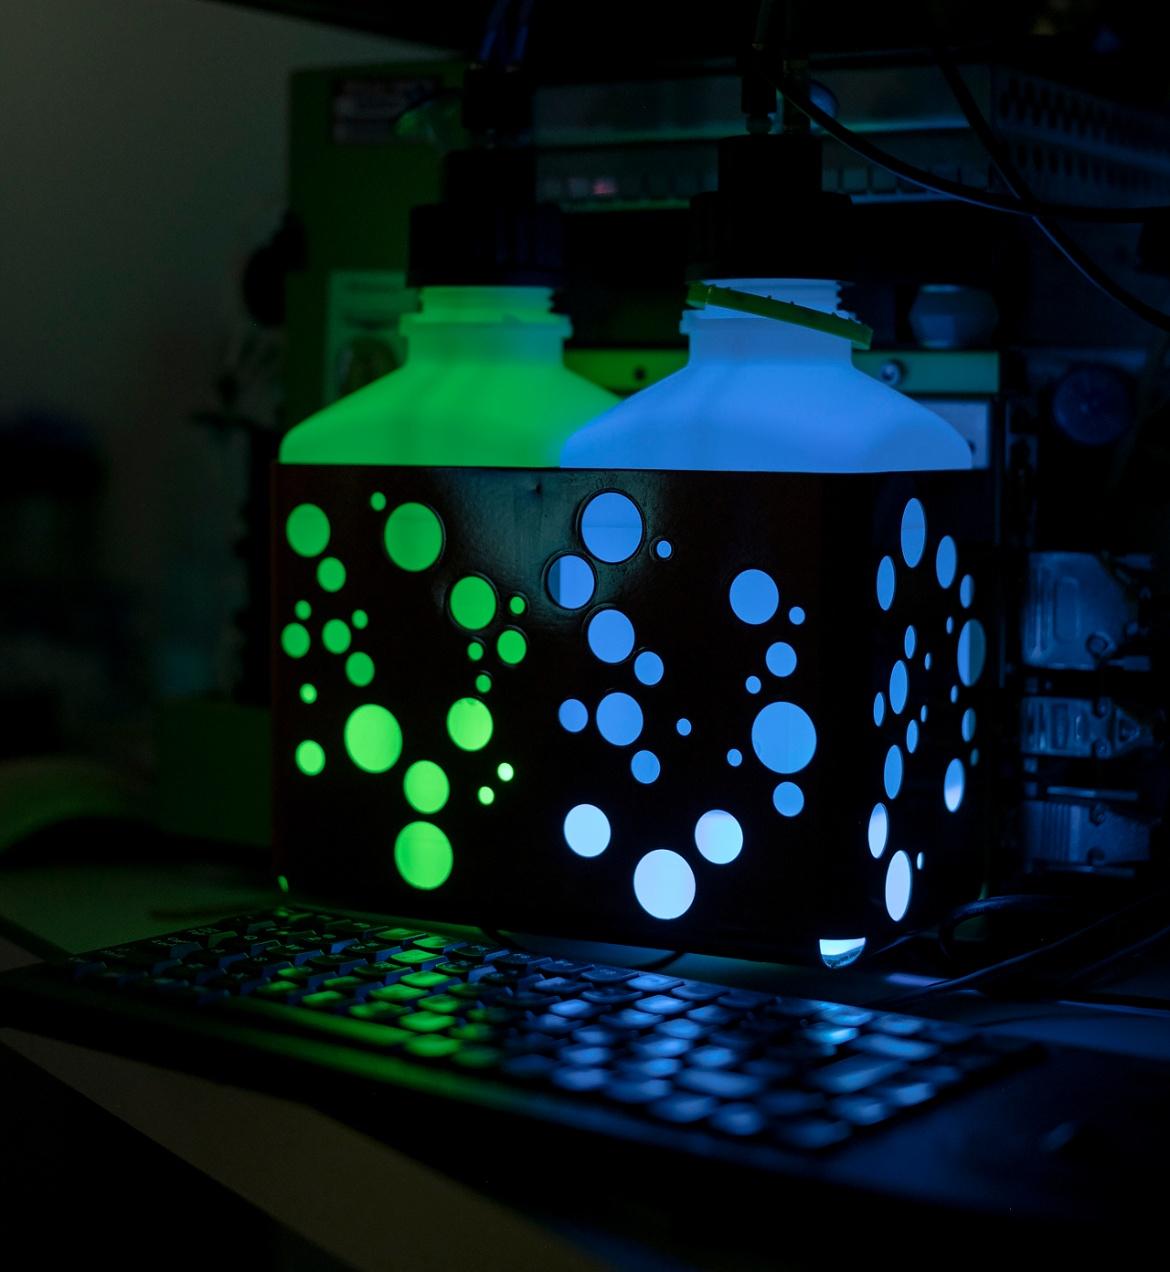 Gefäße die in einem dunkklen Labor die grün und blau leuchten.